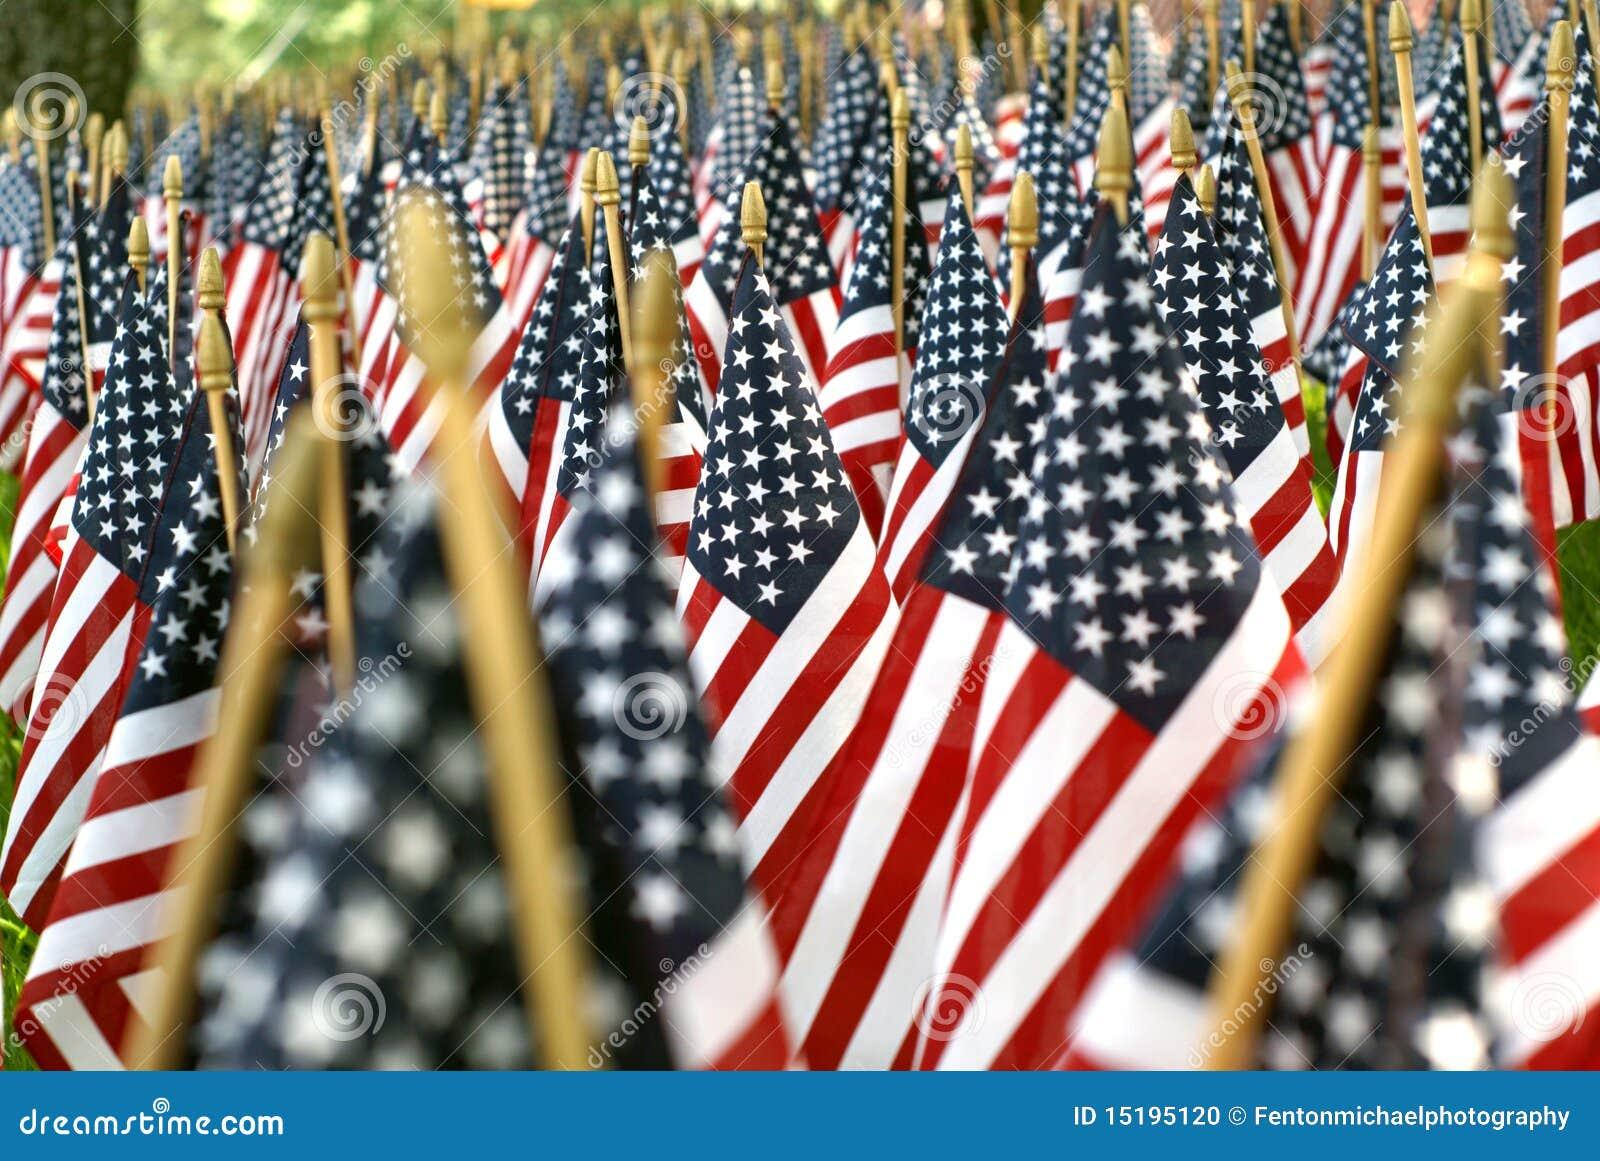 Campo das bandeiras americanas 02608